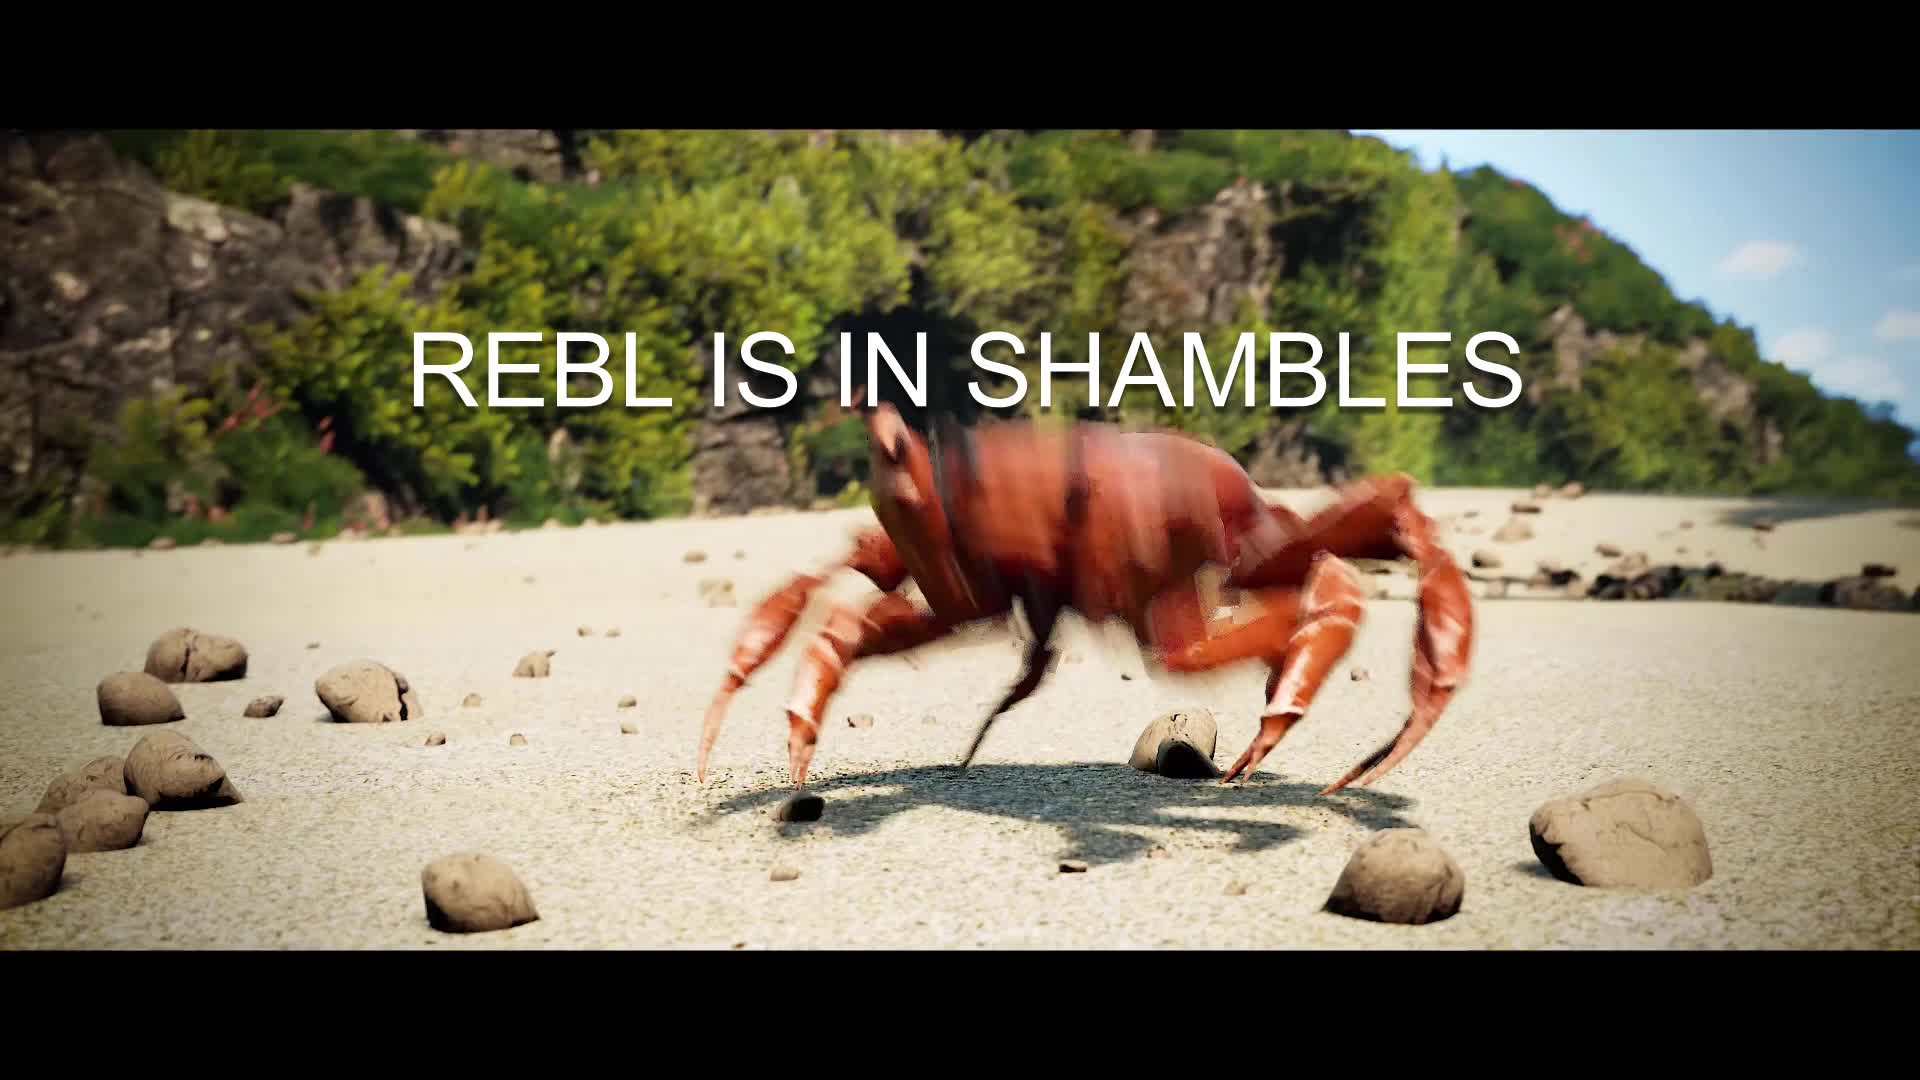 REBL is in shambles GIFs